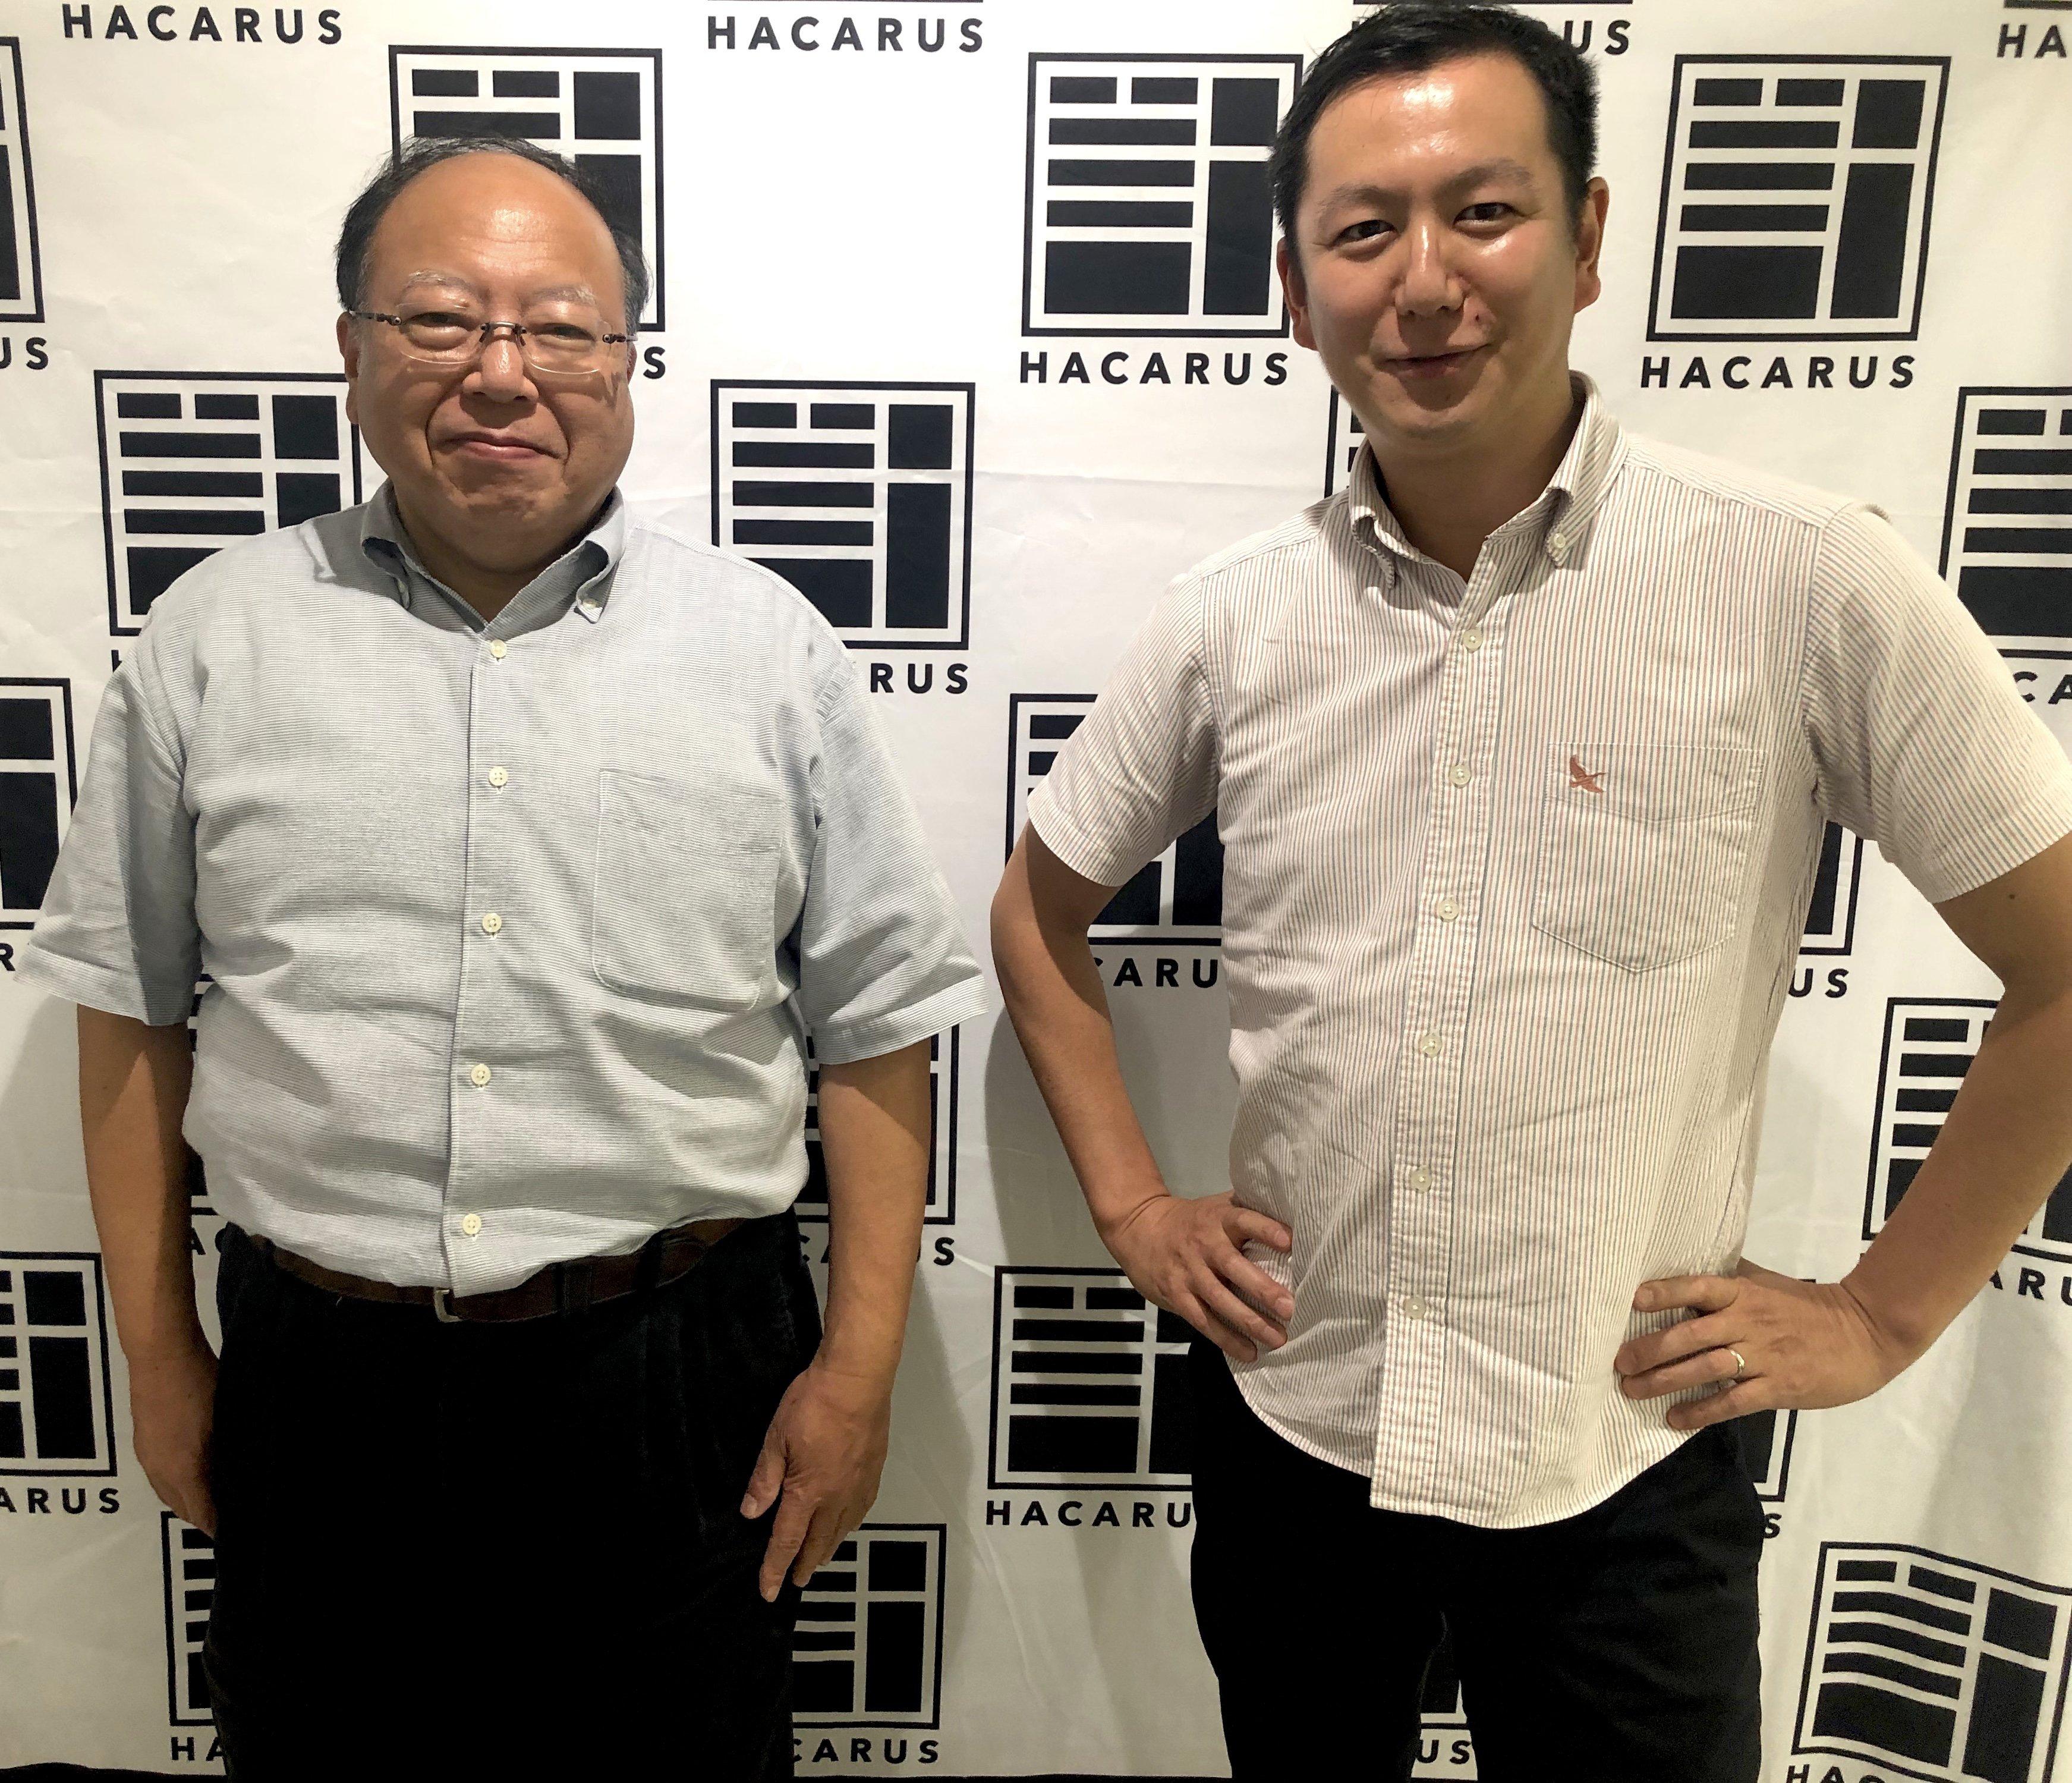 Hacarus Appoints Haruyuki Tago As Edge Evangelist